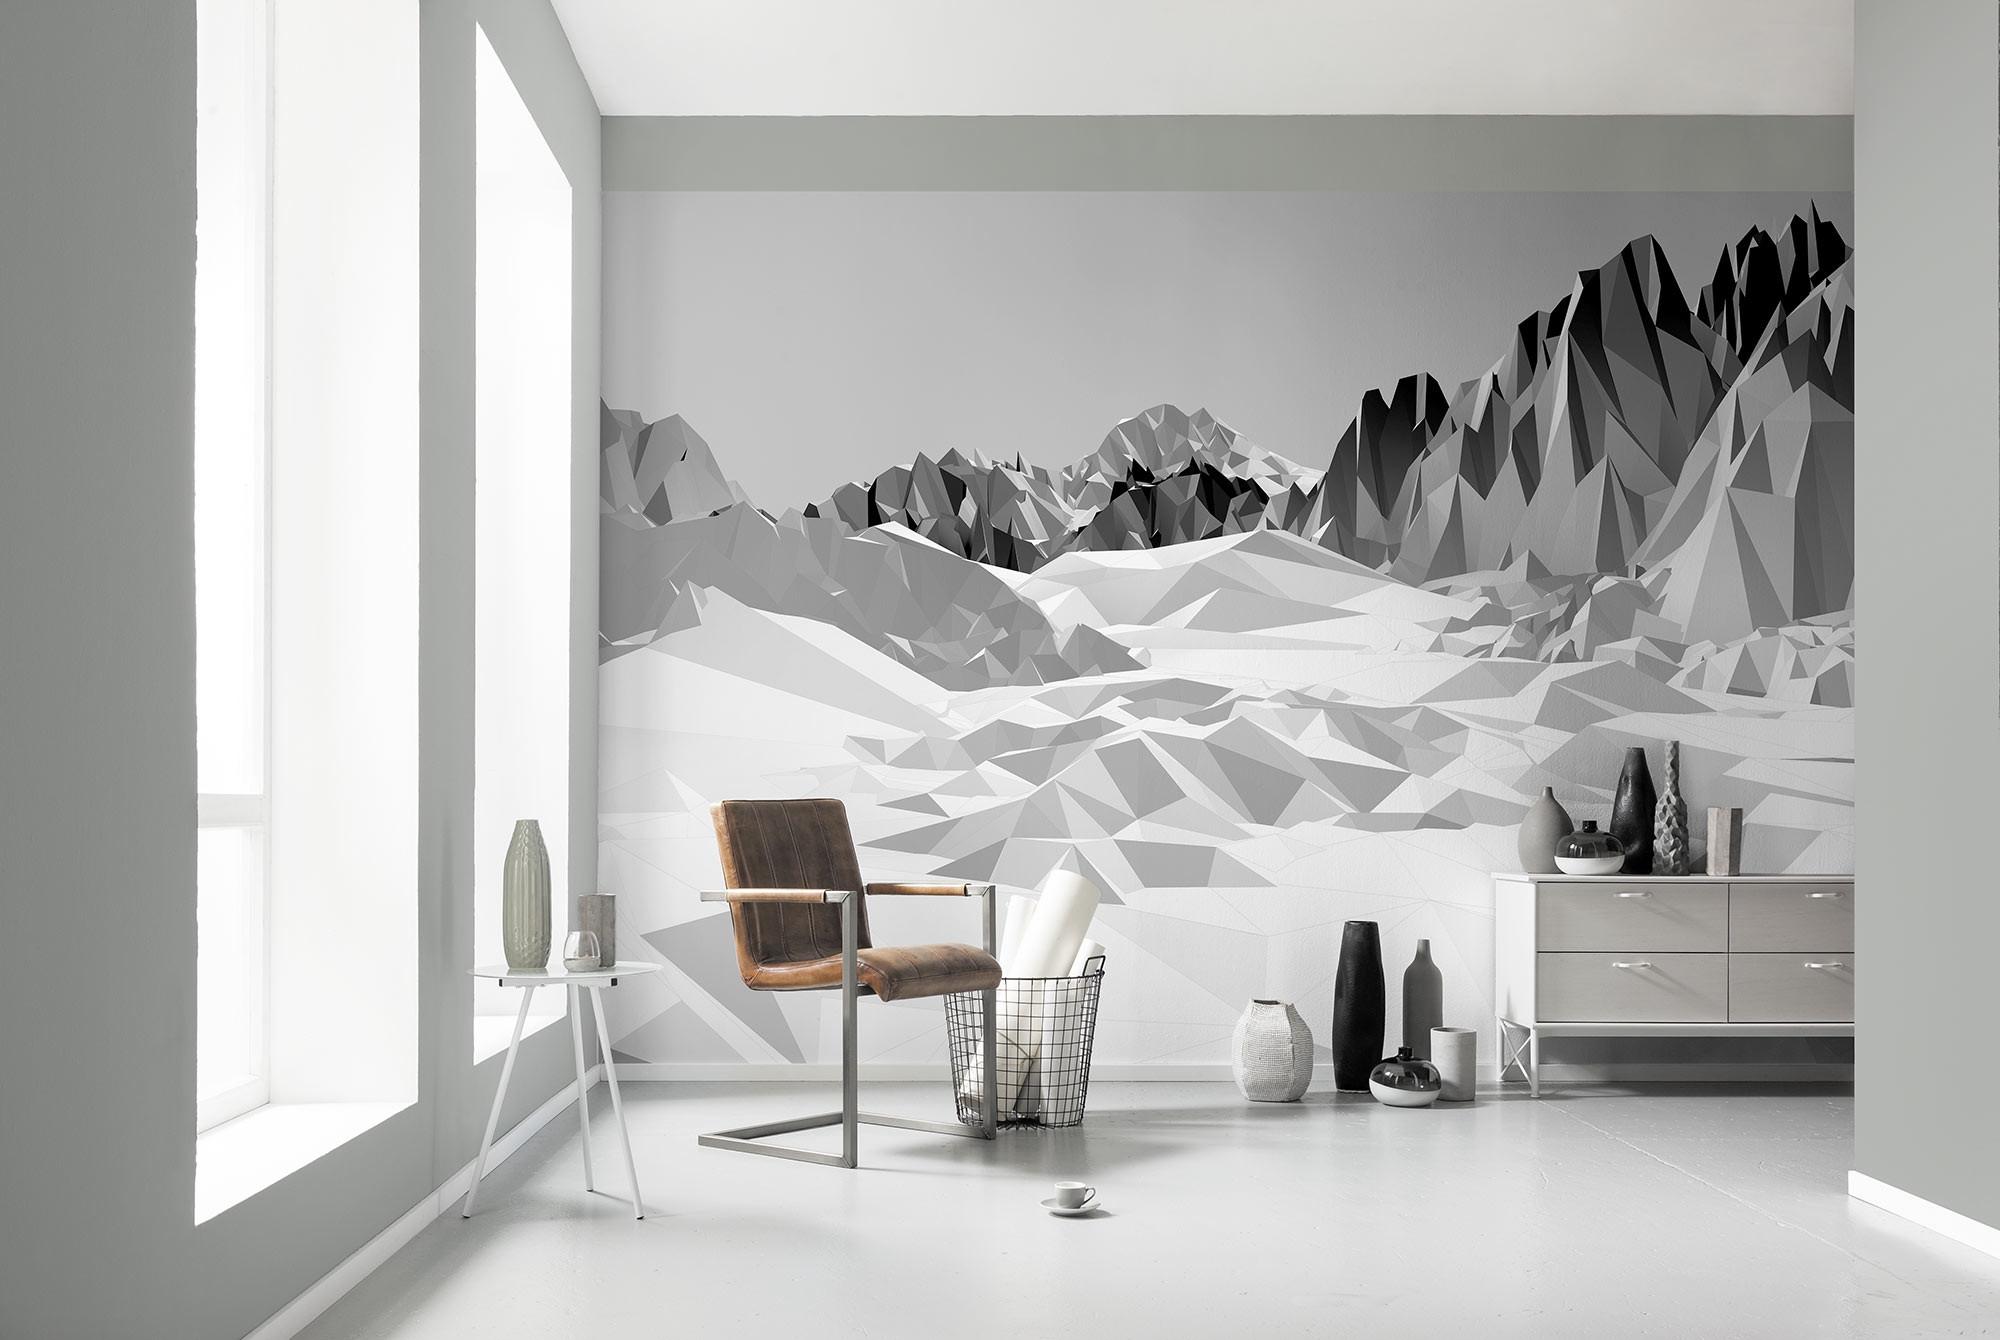 fototapete ?icefields? (8-208) von komar - Fototapete Wohnzimmer Schwarz Weiss